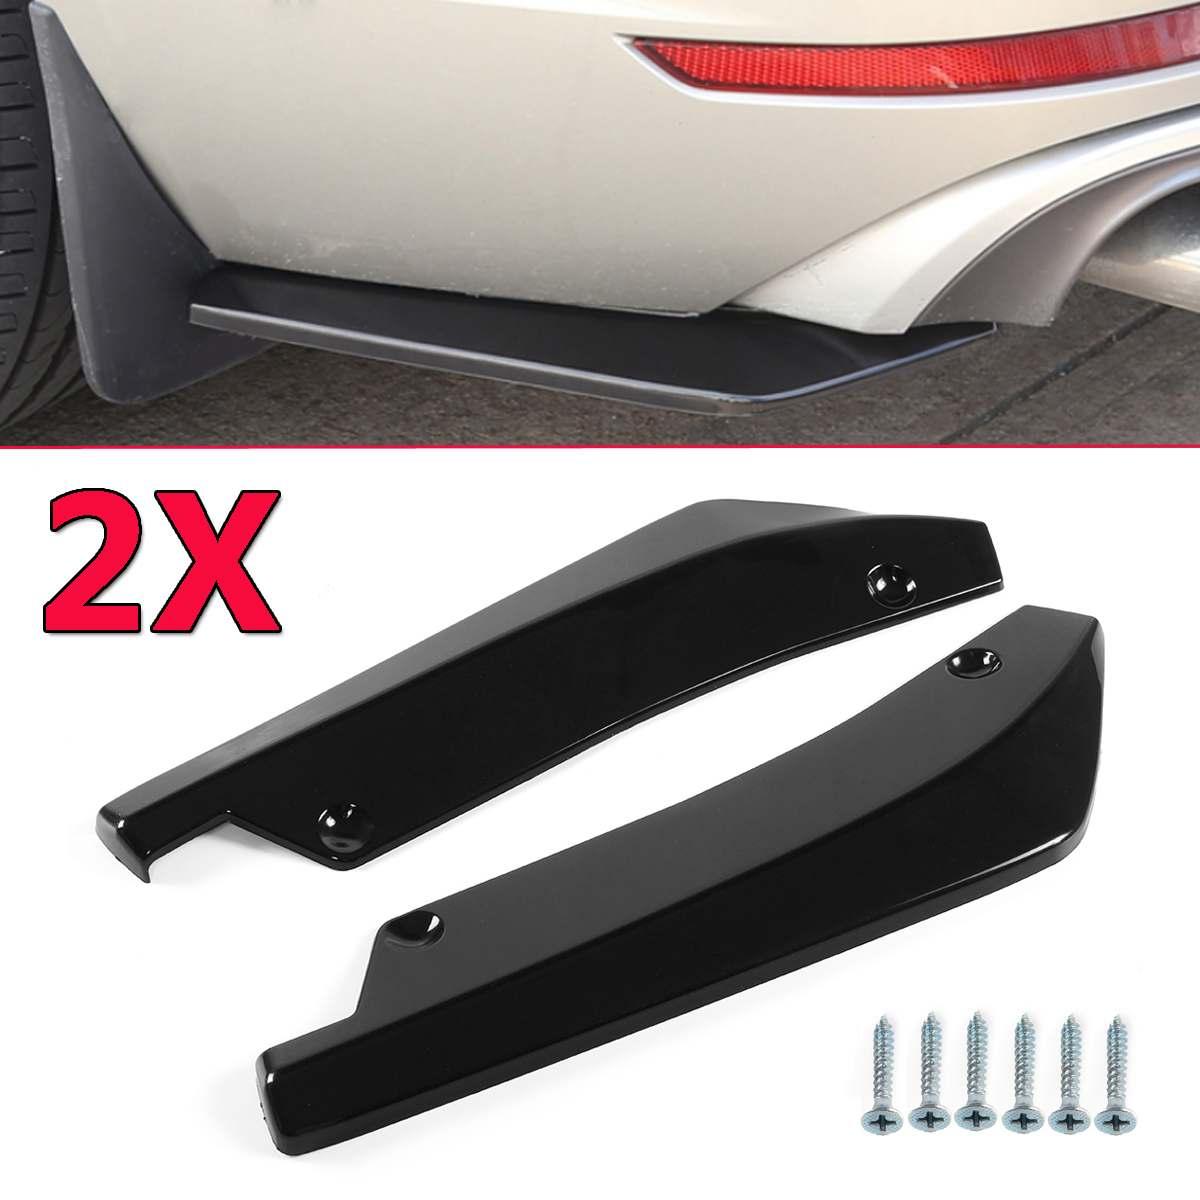 2 pçs universal olhar de fibra carbono/carro preto amortecedor traseiro lábio difusor divisor canard spoiler protector para benz para bmw para ford